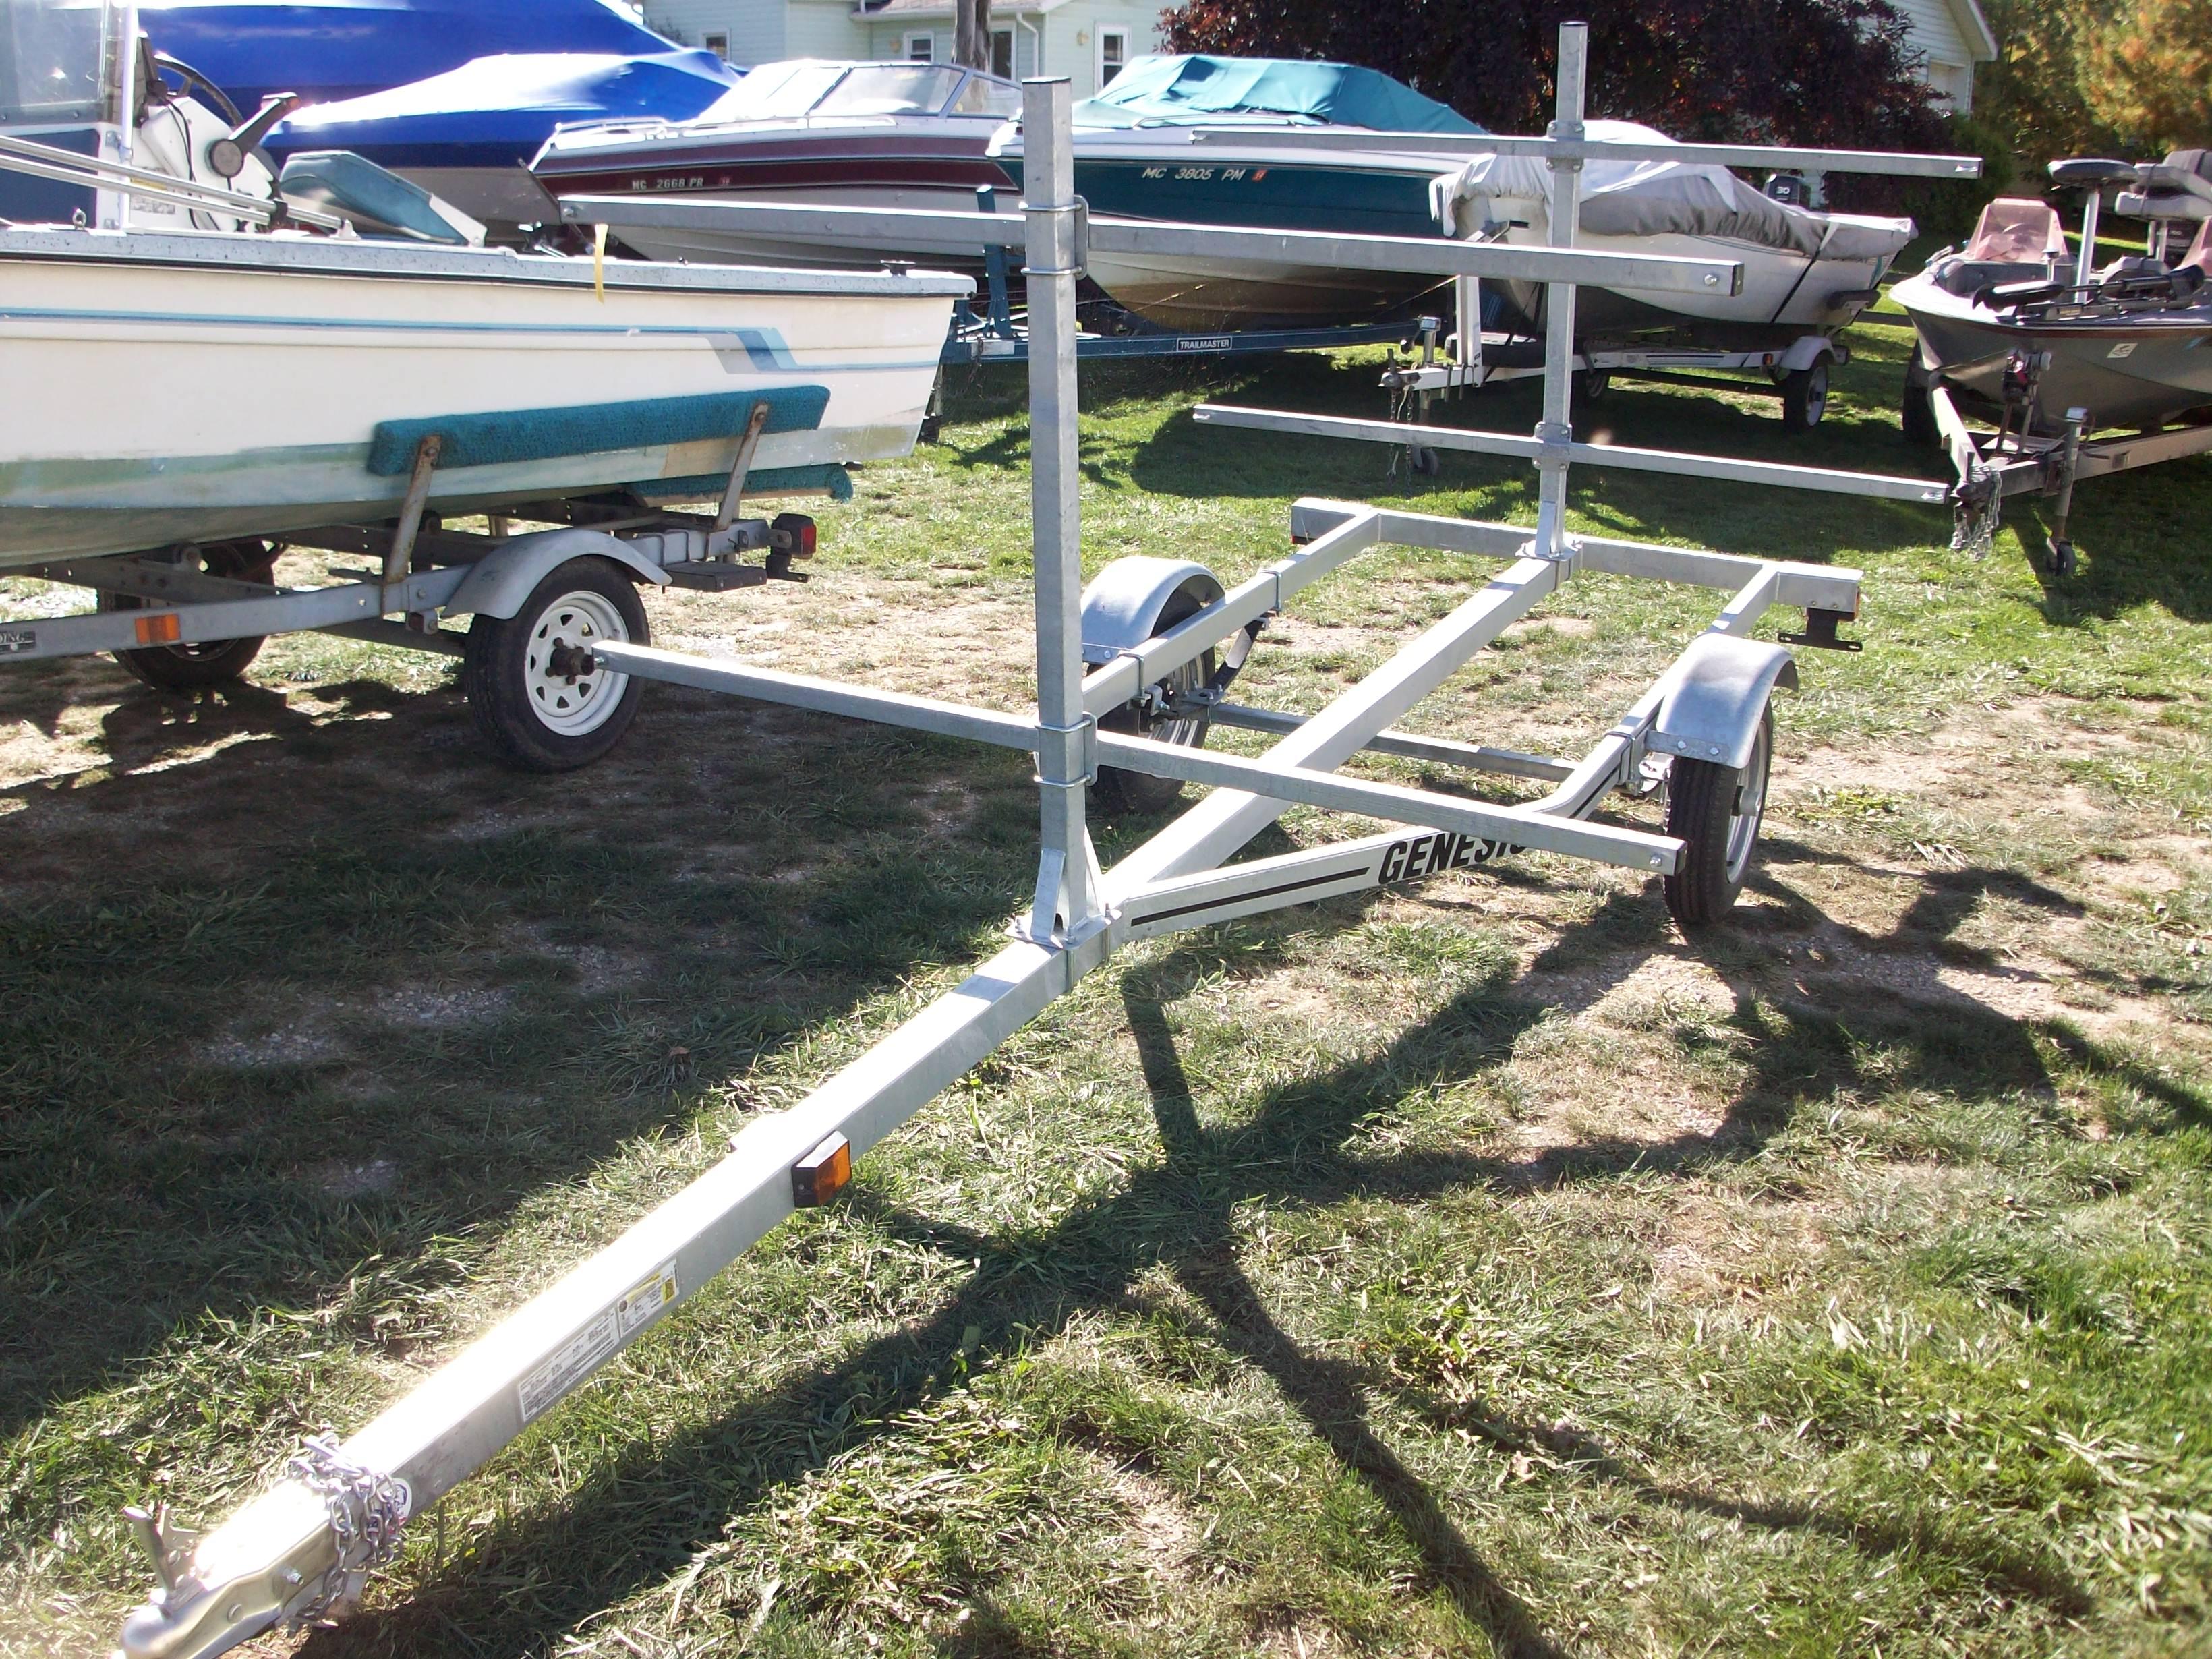 16' Galvanized Canoe/Kayak Trailer